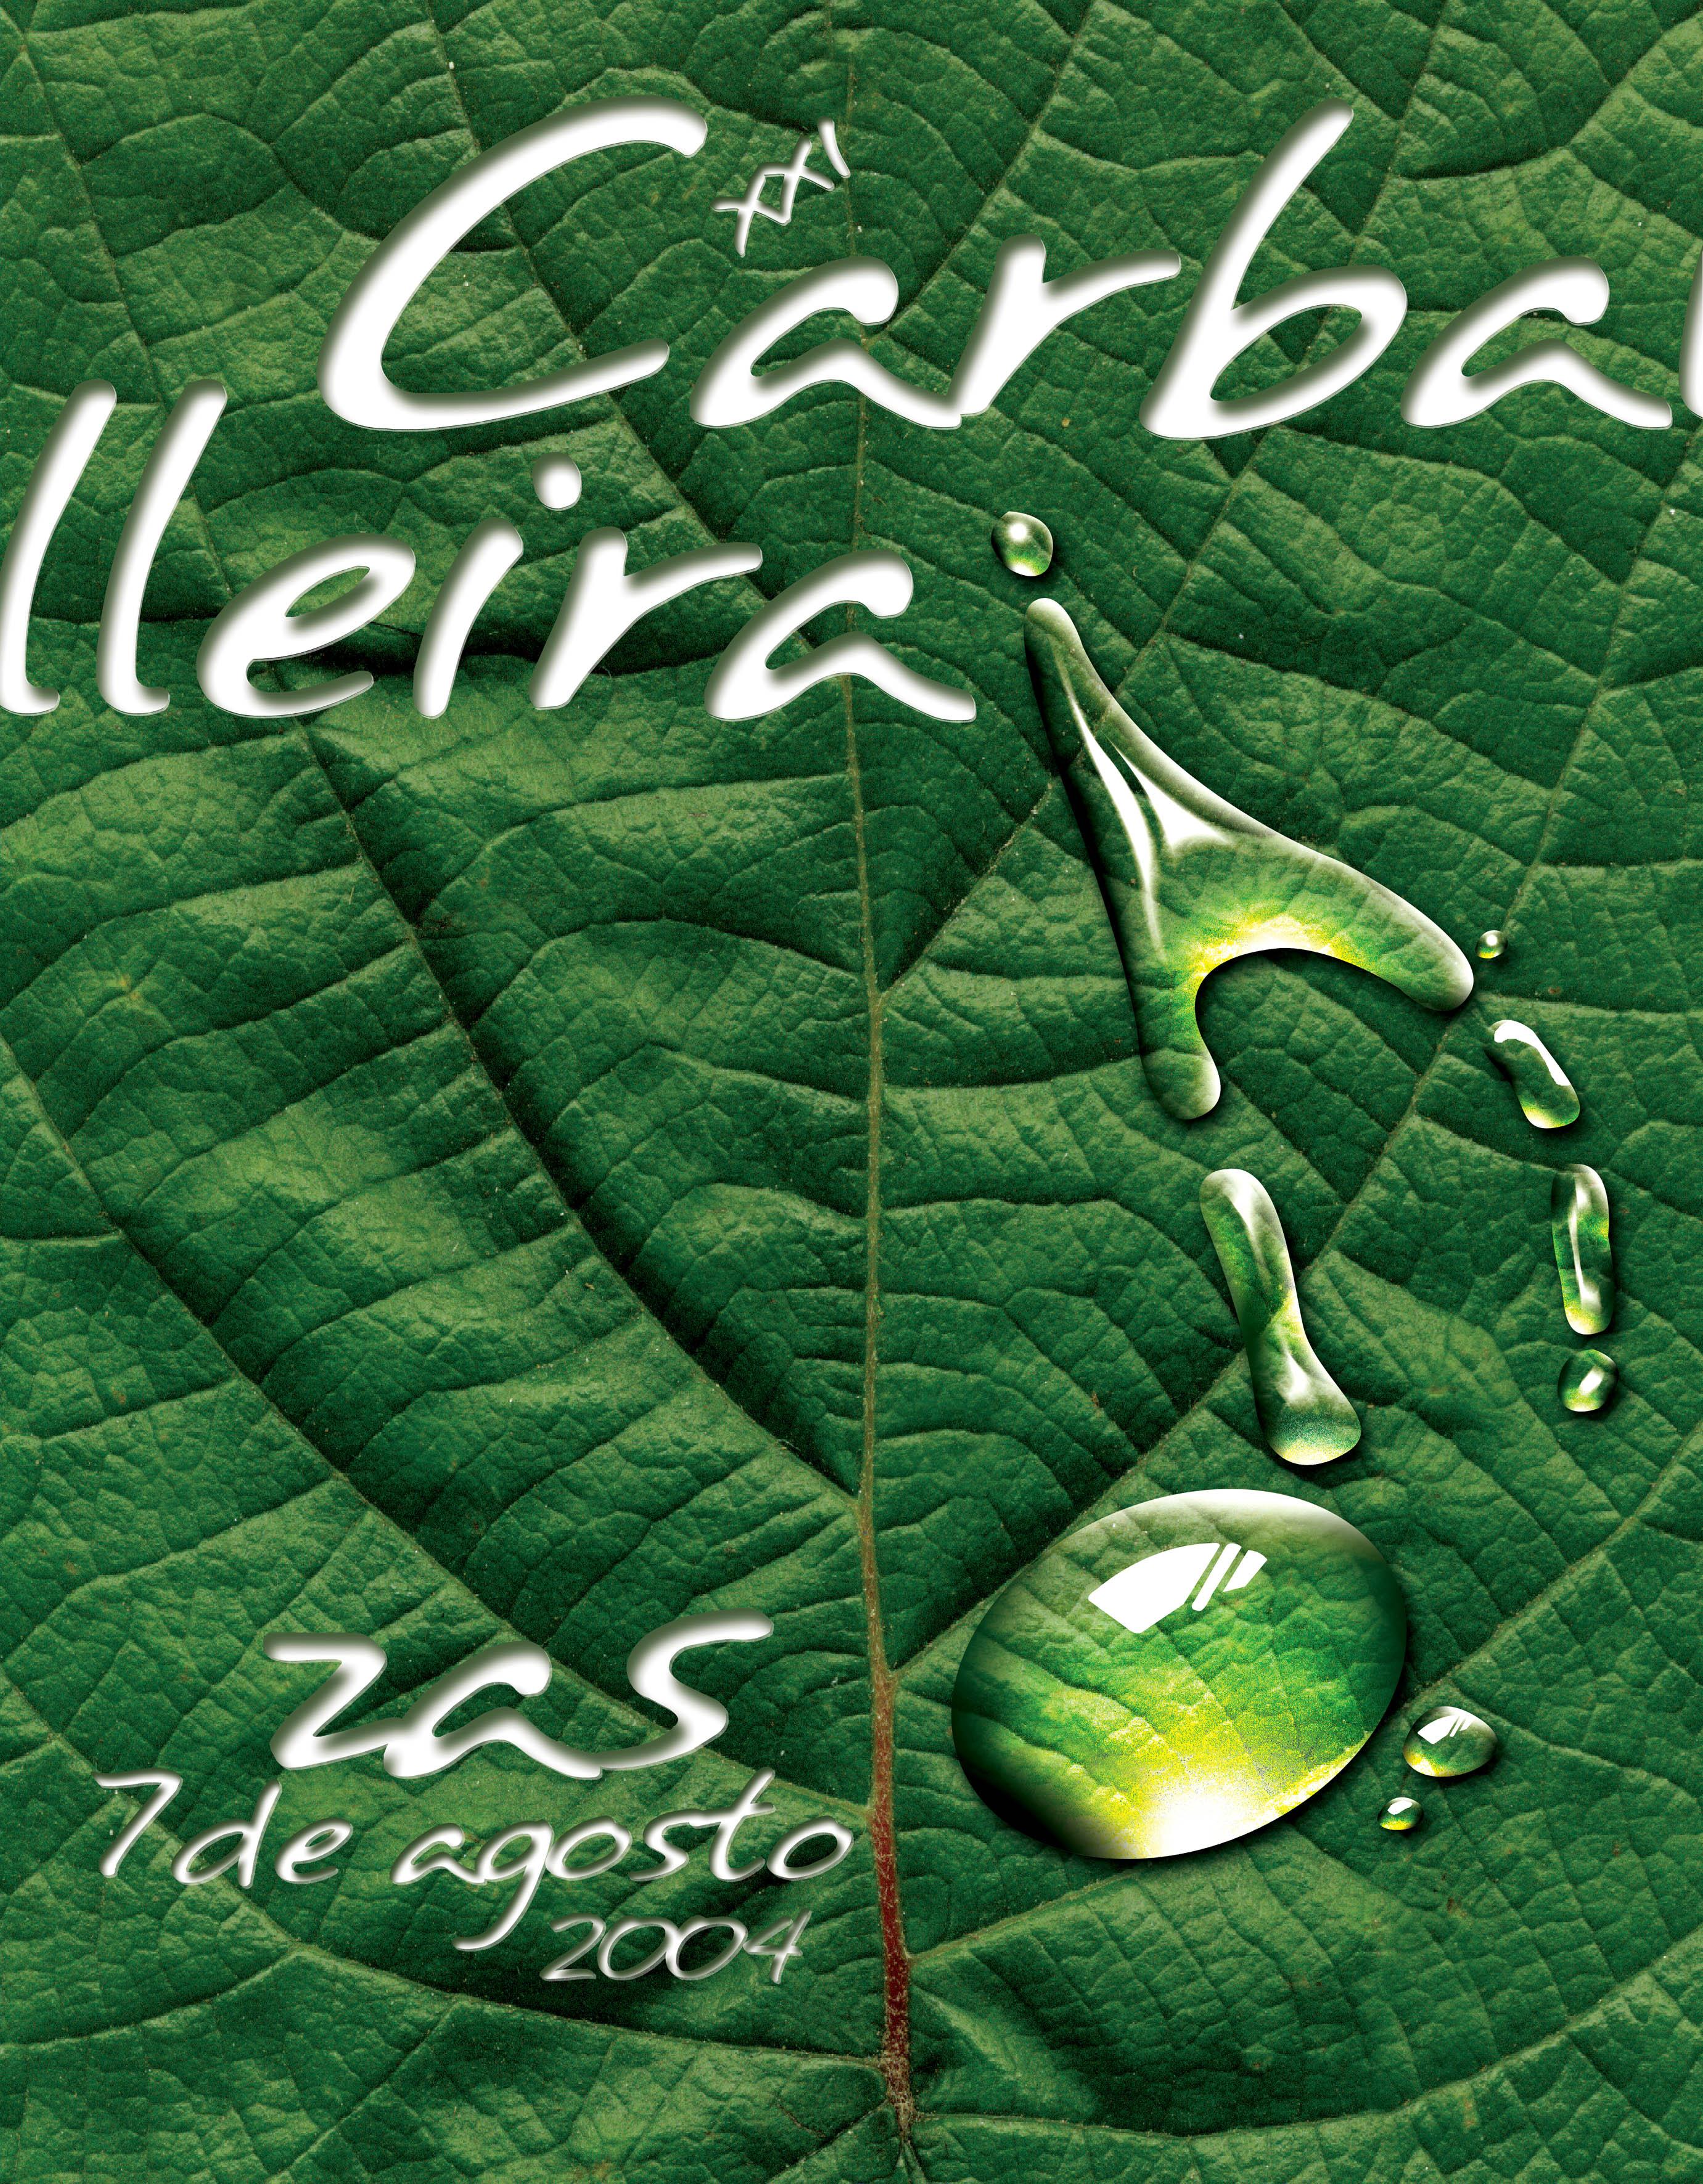 Cartel Festa Carballeira 2004